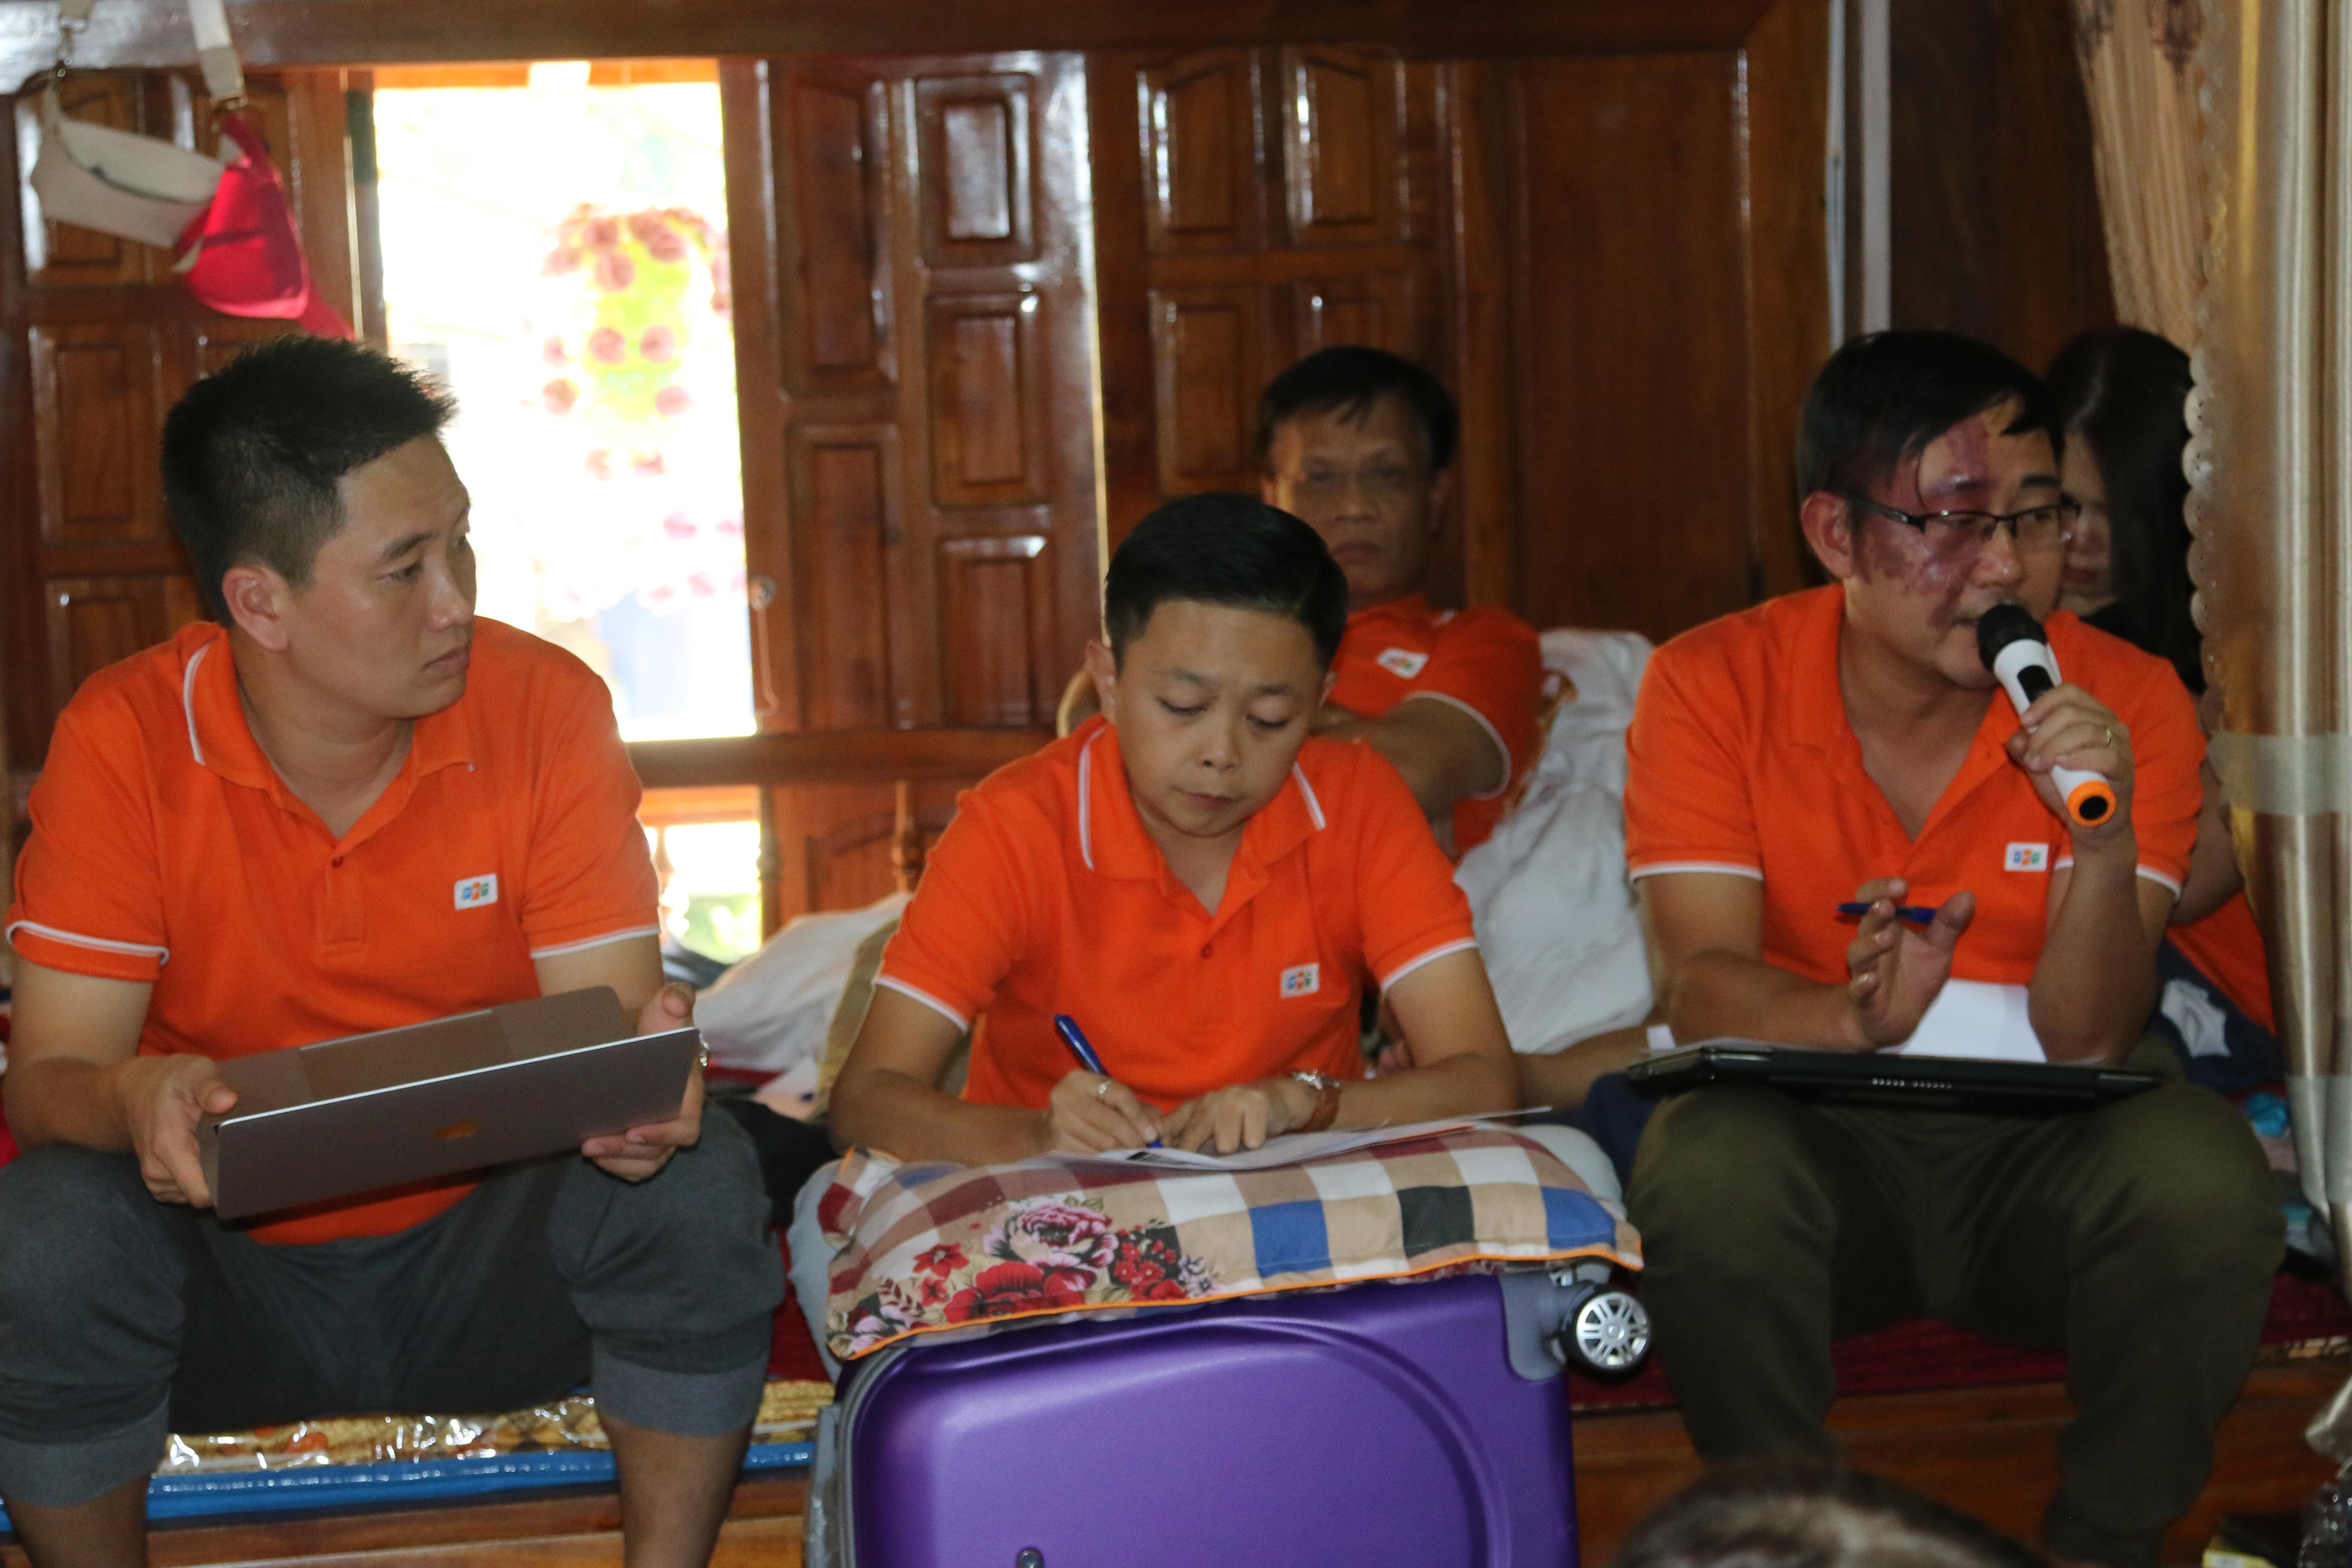 """Đánh giá về kỳ Training camp No.6, Trưởng ban Văn hóa - Đoàn thể FPT Software Nguyễn Thái Sơn khẳng định: """"Đây là lần đầu tiên các cán bộ Tổng hội xây dựng ý tưởng sáng tạo cho sự kiện lớn của FPT Software. Dù chưa thực sự xuất sắc nhưng các bạn đã có rất nhiều nỗ lực và cũng có những ý tưởng hay và có thể triển khai được"""". Training camp là sự kiện thường niên của FUN, được tổ chức mỗi năm 2 lần với mục đích trang bị thêm kiến thức về cách thức tổ chức các hoạt động tại đơn vị, về truyền thông và các kỹ năng mềm như giao tiếp; kêu gọi đám đông; tạo tầm ảnh hưởng… Chương trình tạo điều kiện cho cán bộ Tổng hội đến từ các đơn vị khác nhau giao lưu, tìm hiểu thêm văn hoá FPT Software, học hỏi kinh nghiệm, từ đó mang những cái hay, cái mới về áp dụng tại đơn vị của mình. Tháng 5 vừa qua, để chuẩn bị cho các đơn vị bước vào kỳ nghỉ mát, Ban Văn hóa - Đoàn thể FPT Software đã tổ chức Training camp No.5 tại biển Hải Tiến, Thanh Hóa. Ở đó, các cán bộ Tổng hội được rèn luyện kỹ năng tổ chức nghỉ mát, teambuilding bãi biển..."""